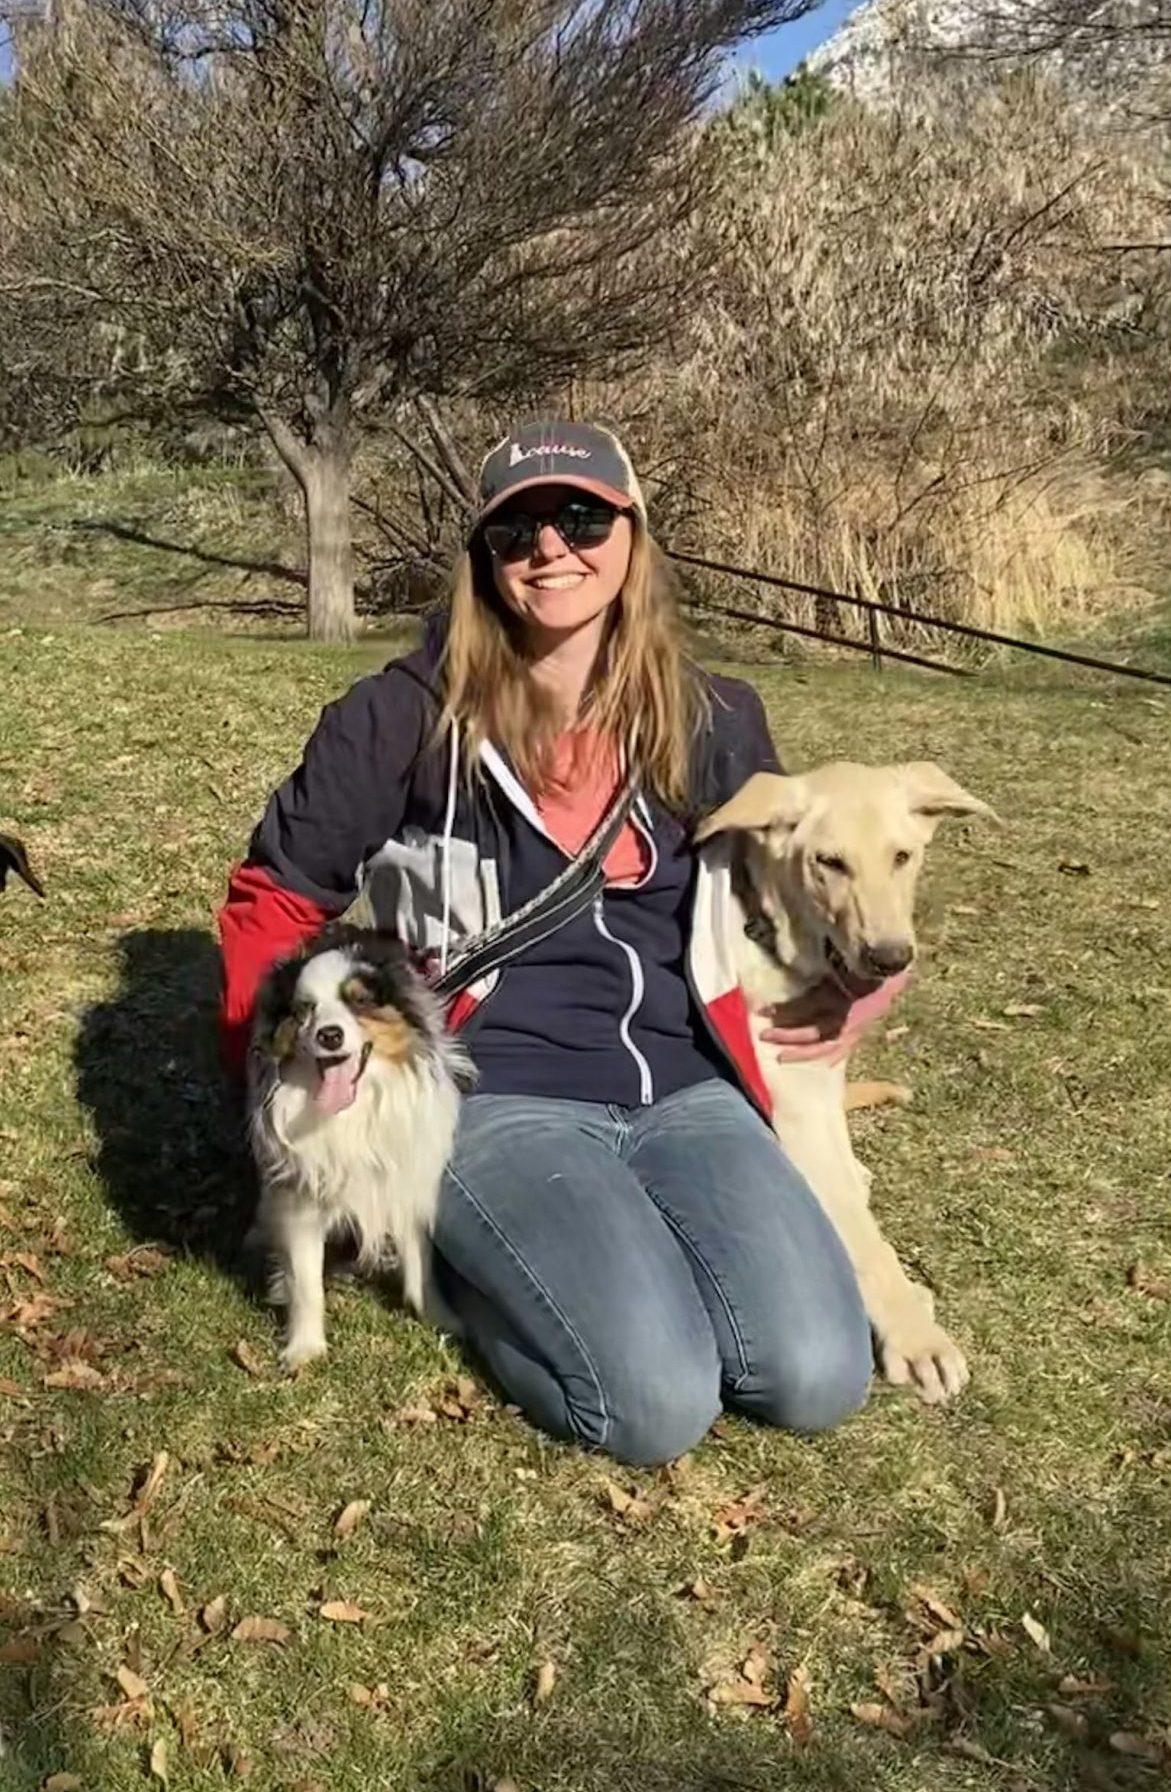 Chloe-Utah Staff Member